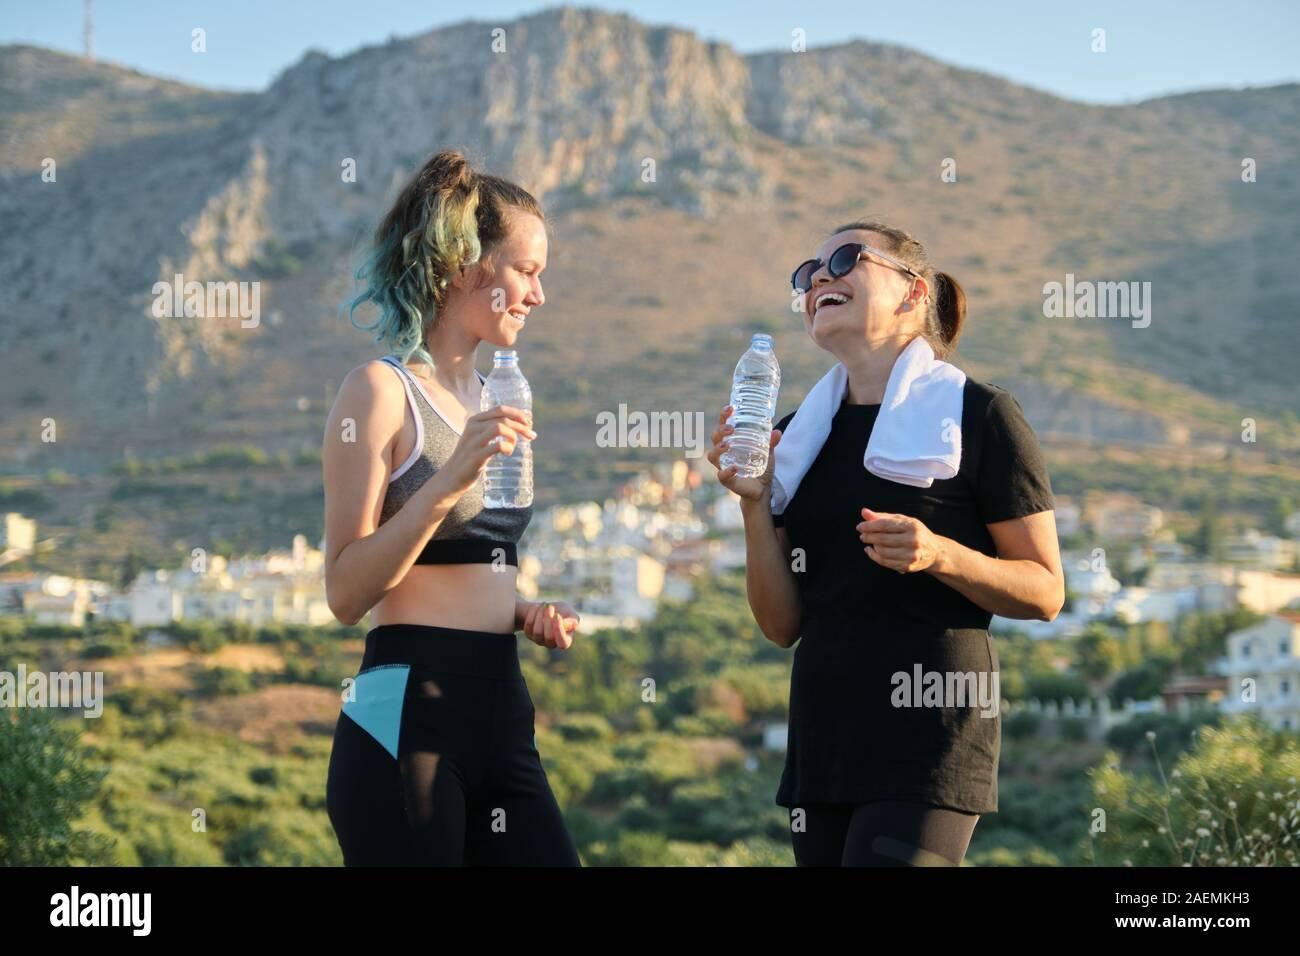 Madre e hija hablar y beber agua después de entrenar Foto de stock